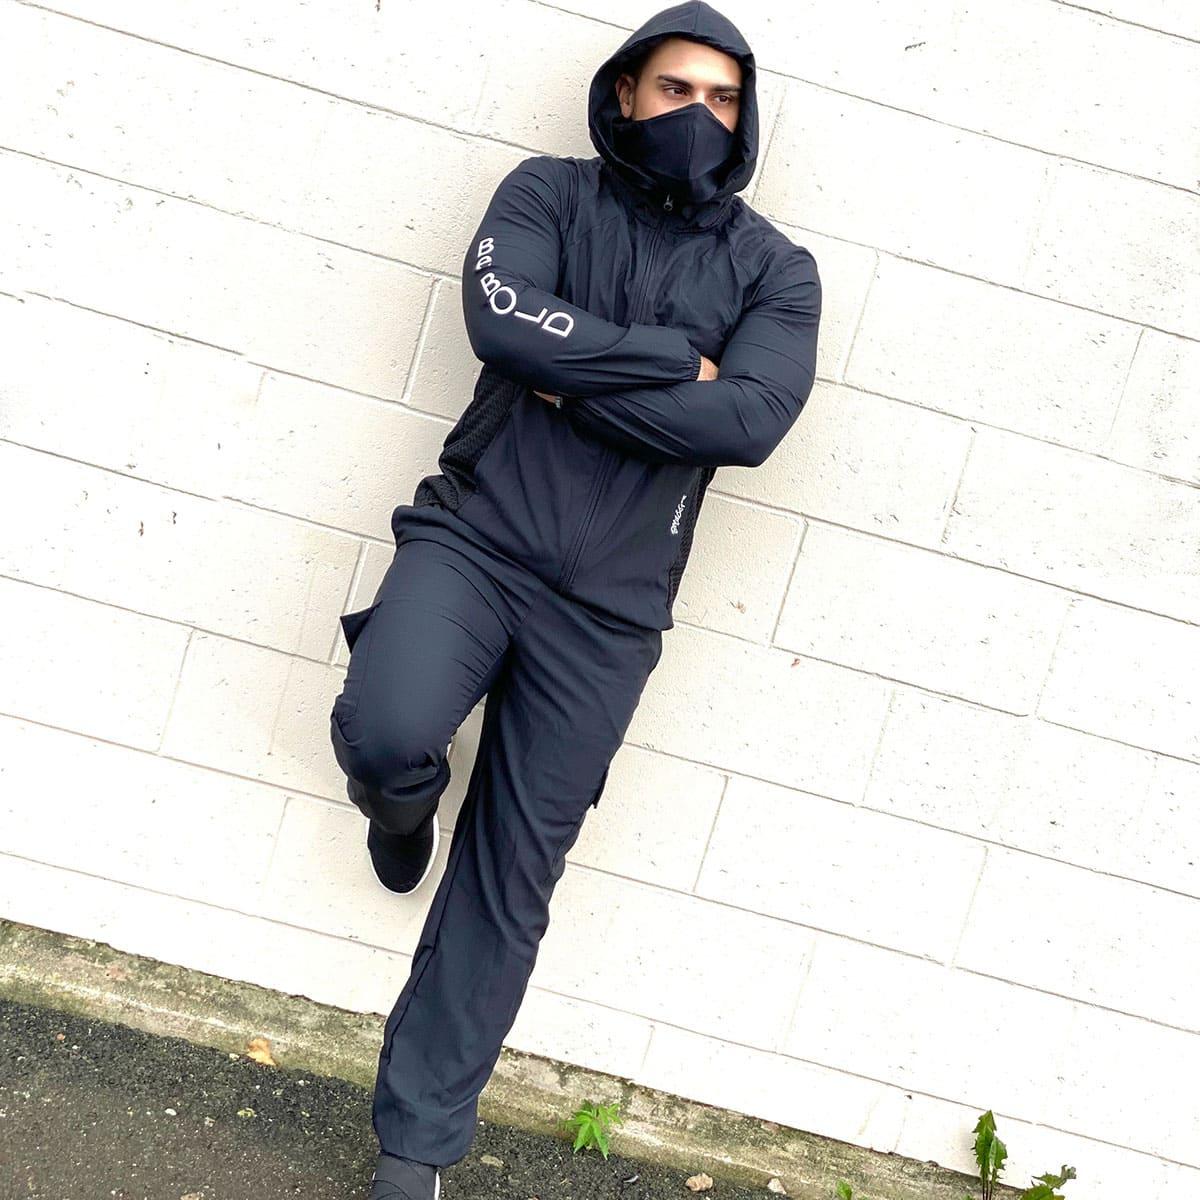 uniformes de calentamiento para hombre